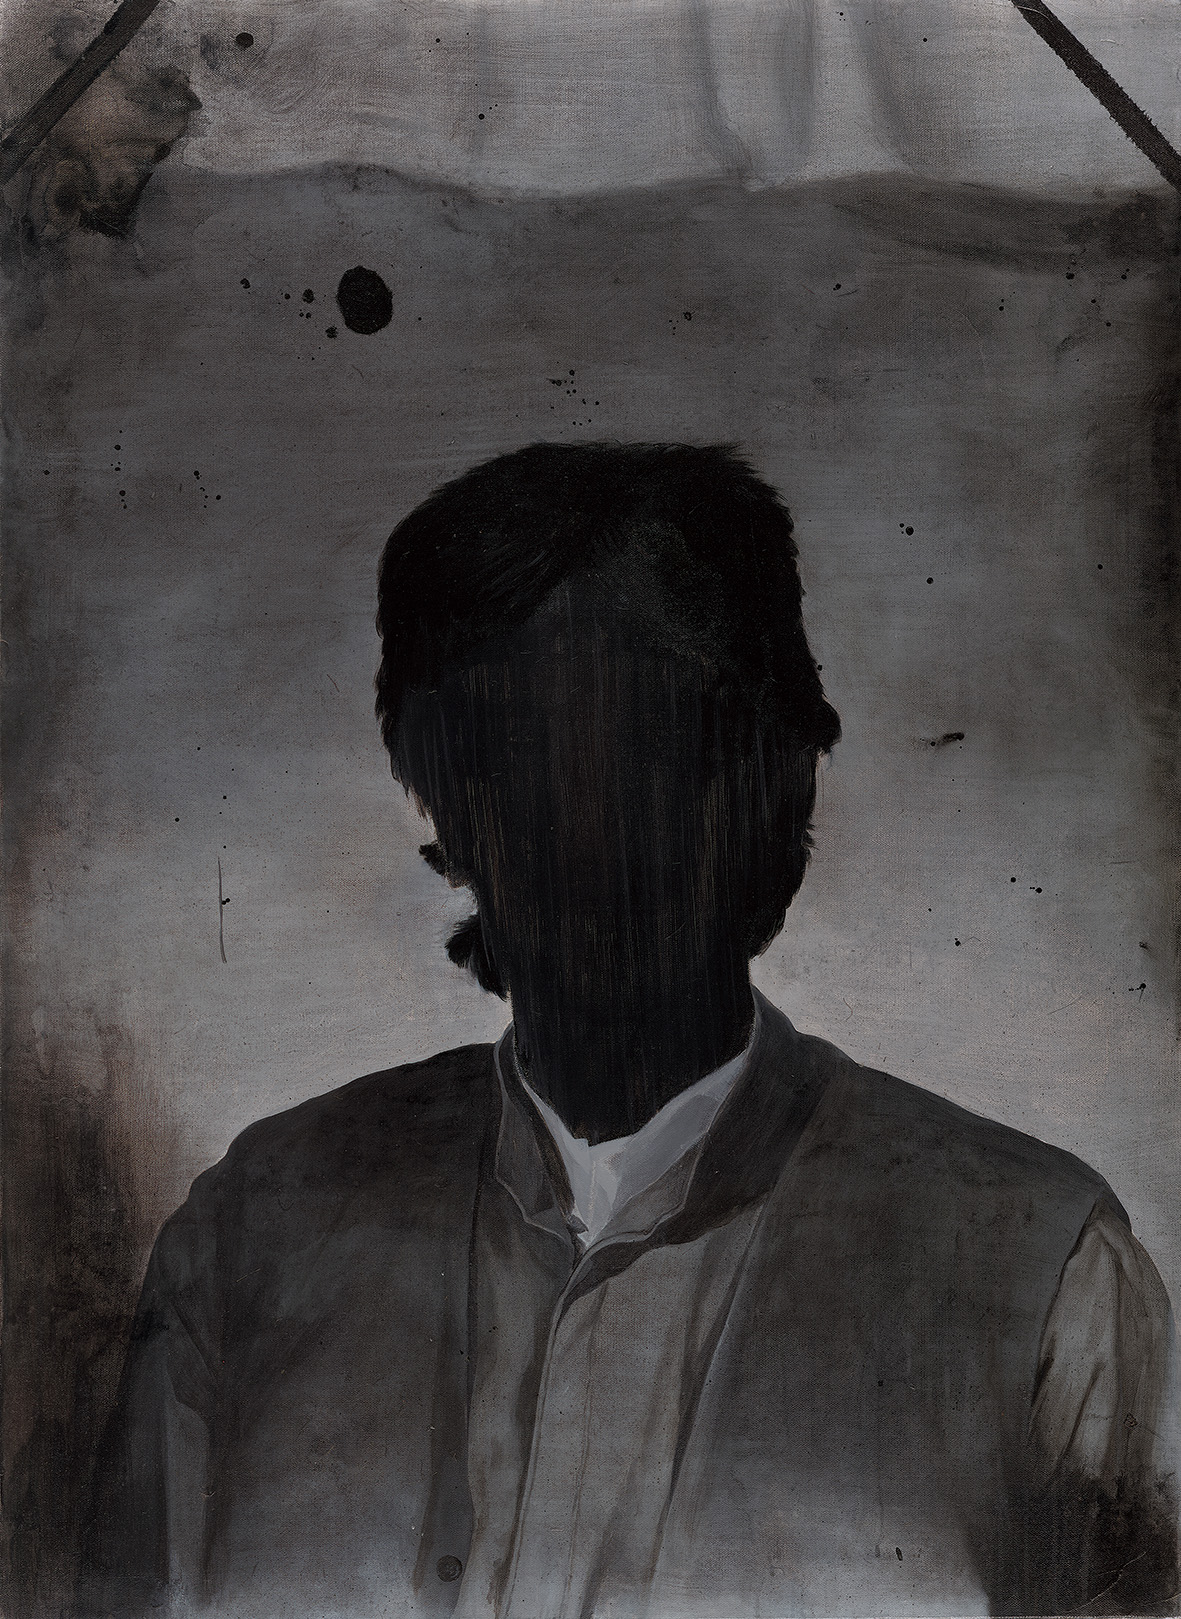 Chen Yujun 陈彧君, Untitled NO.20120816 无题NO.20120816, 2012, Acrylic on canvas 布面丙稀, 150 x 110 cm